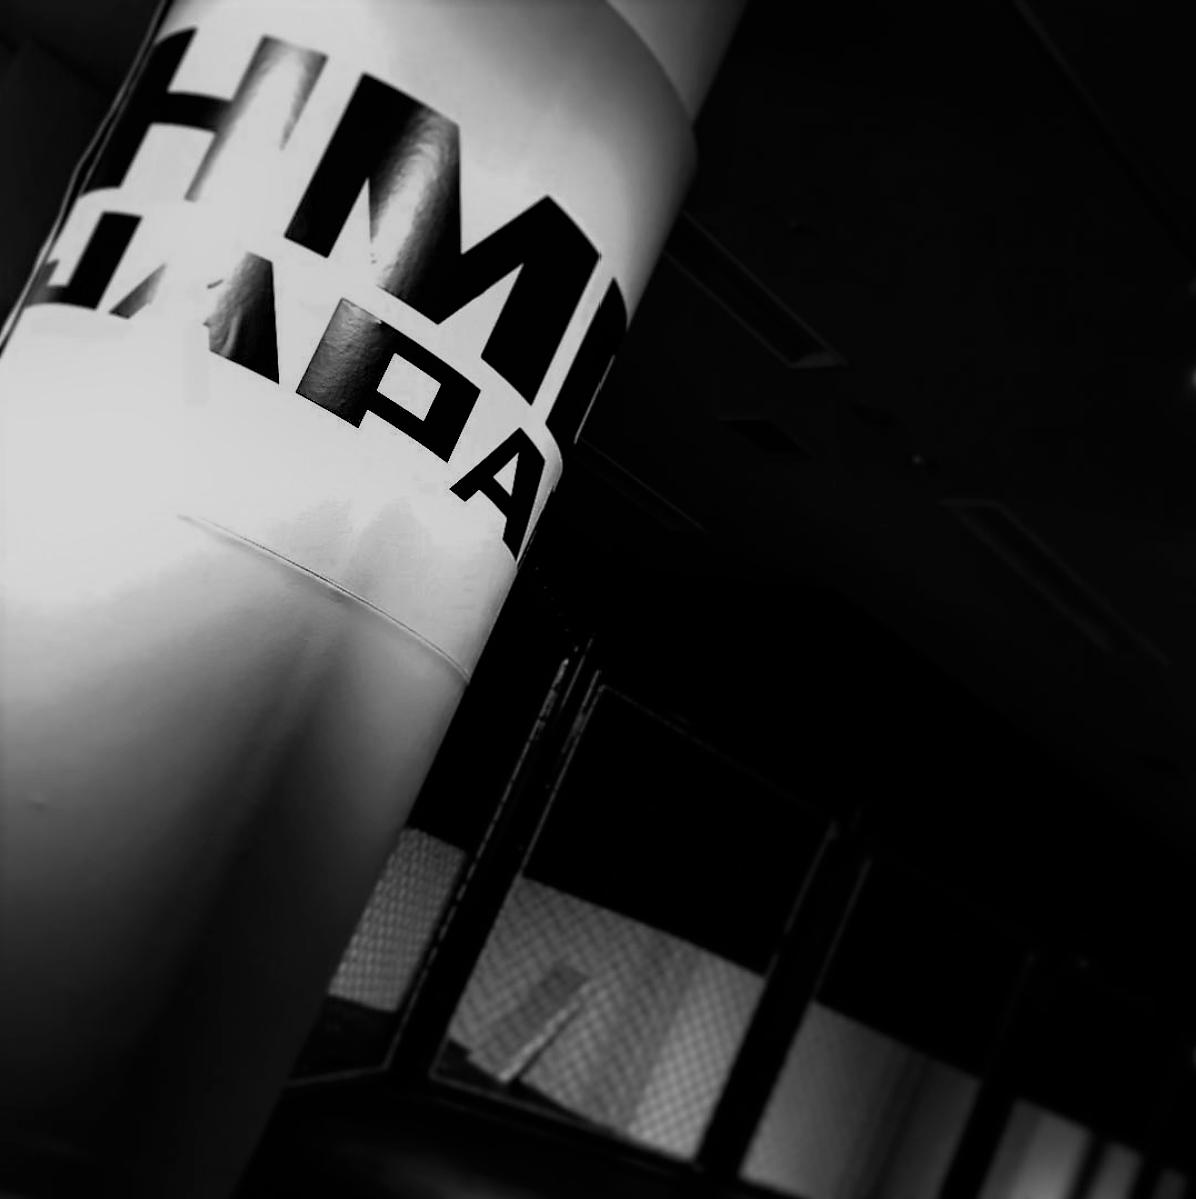 """オーディション HMC JAPANプレゼンツ美女ジム 第二期生オーディション 現役モデル・アイドル在籍「美女ジム渋谷」""""カワイイ""""インストラクター 主催:HMC JAPAN株式会社、カテゴリ:その他"""